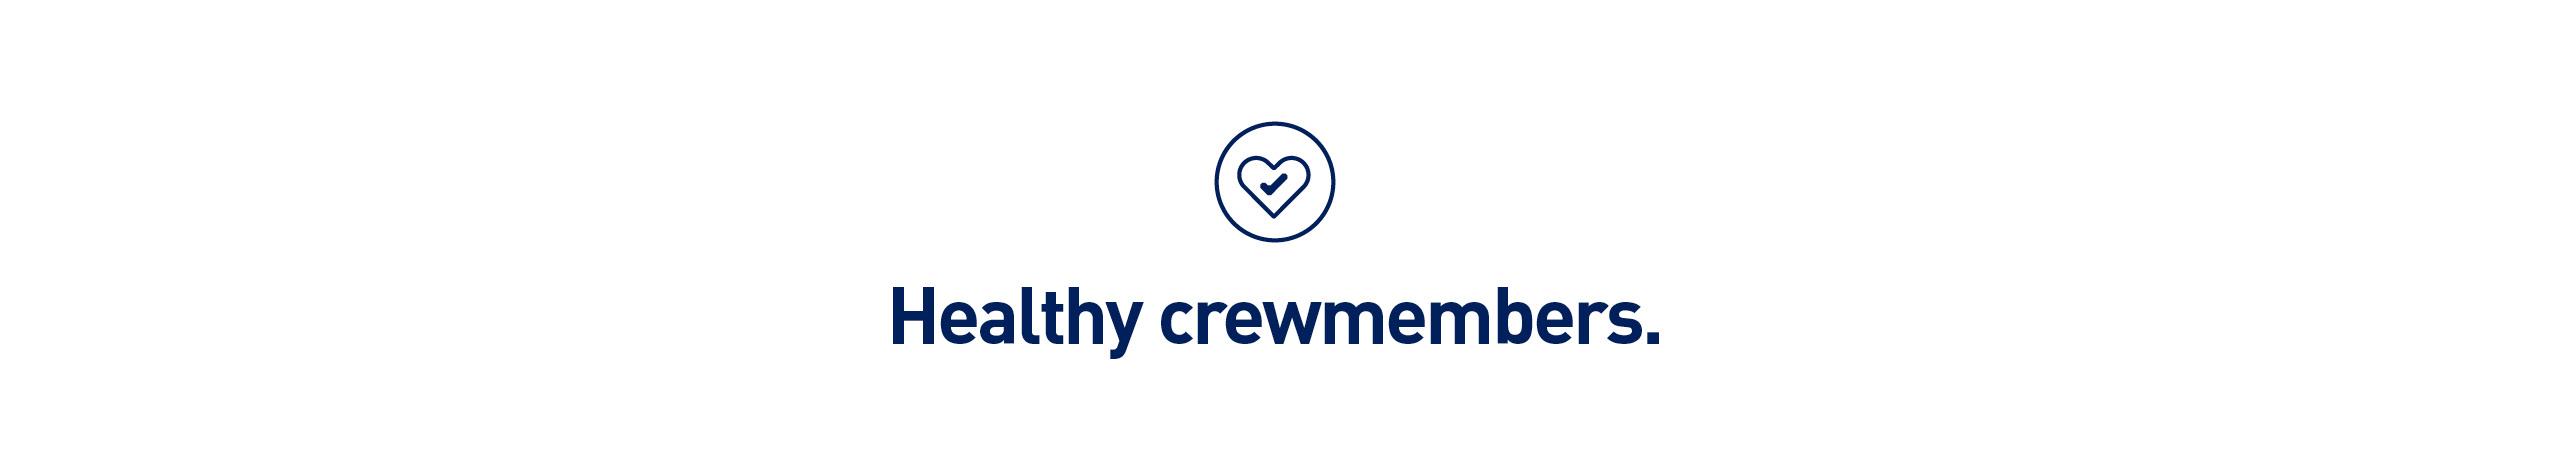 healthy crewmembers